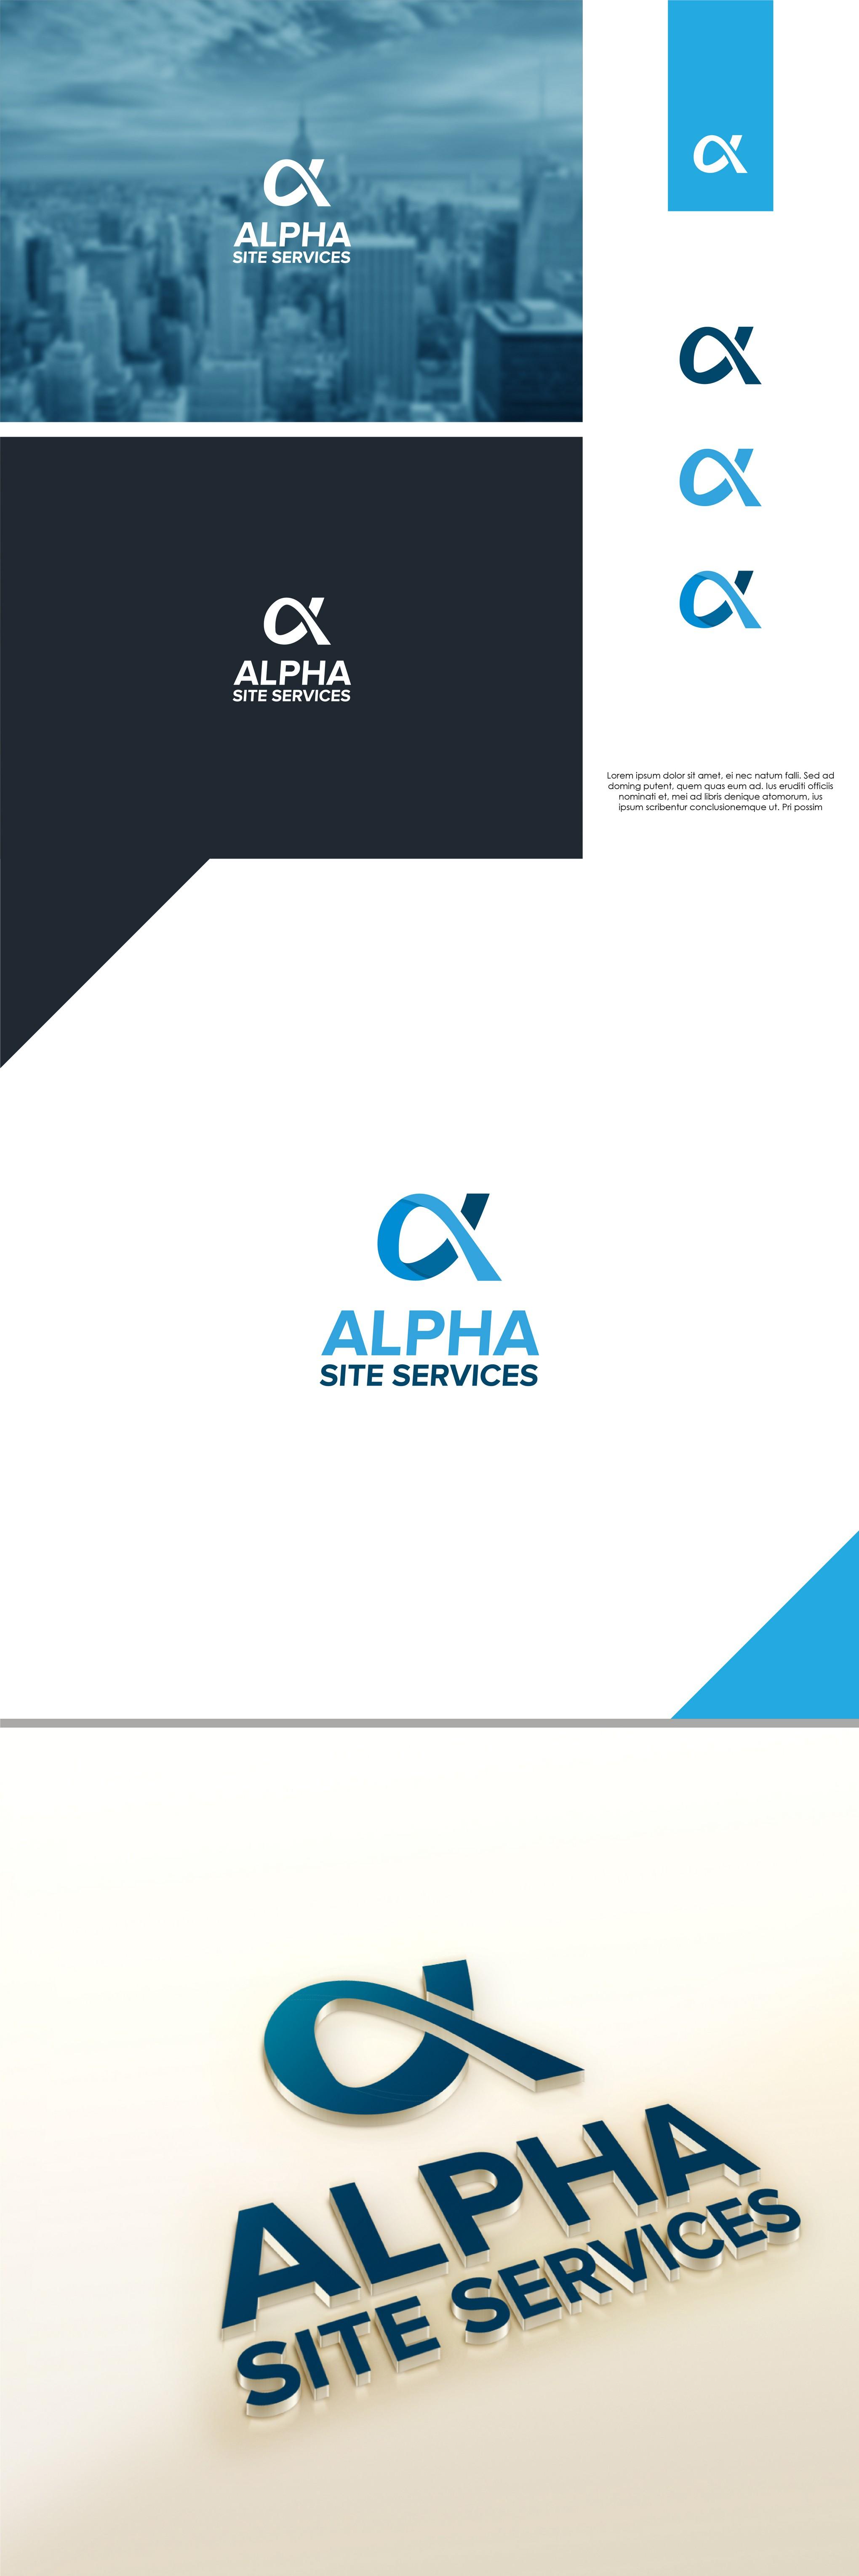 Alpha Site Services